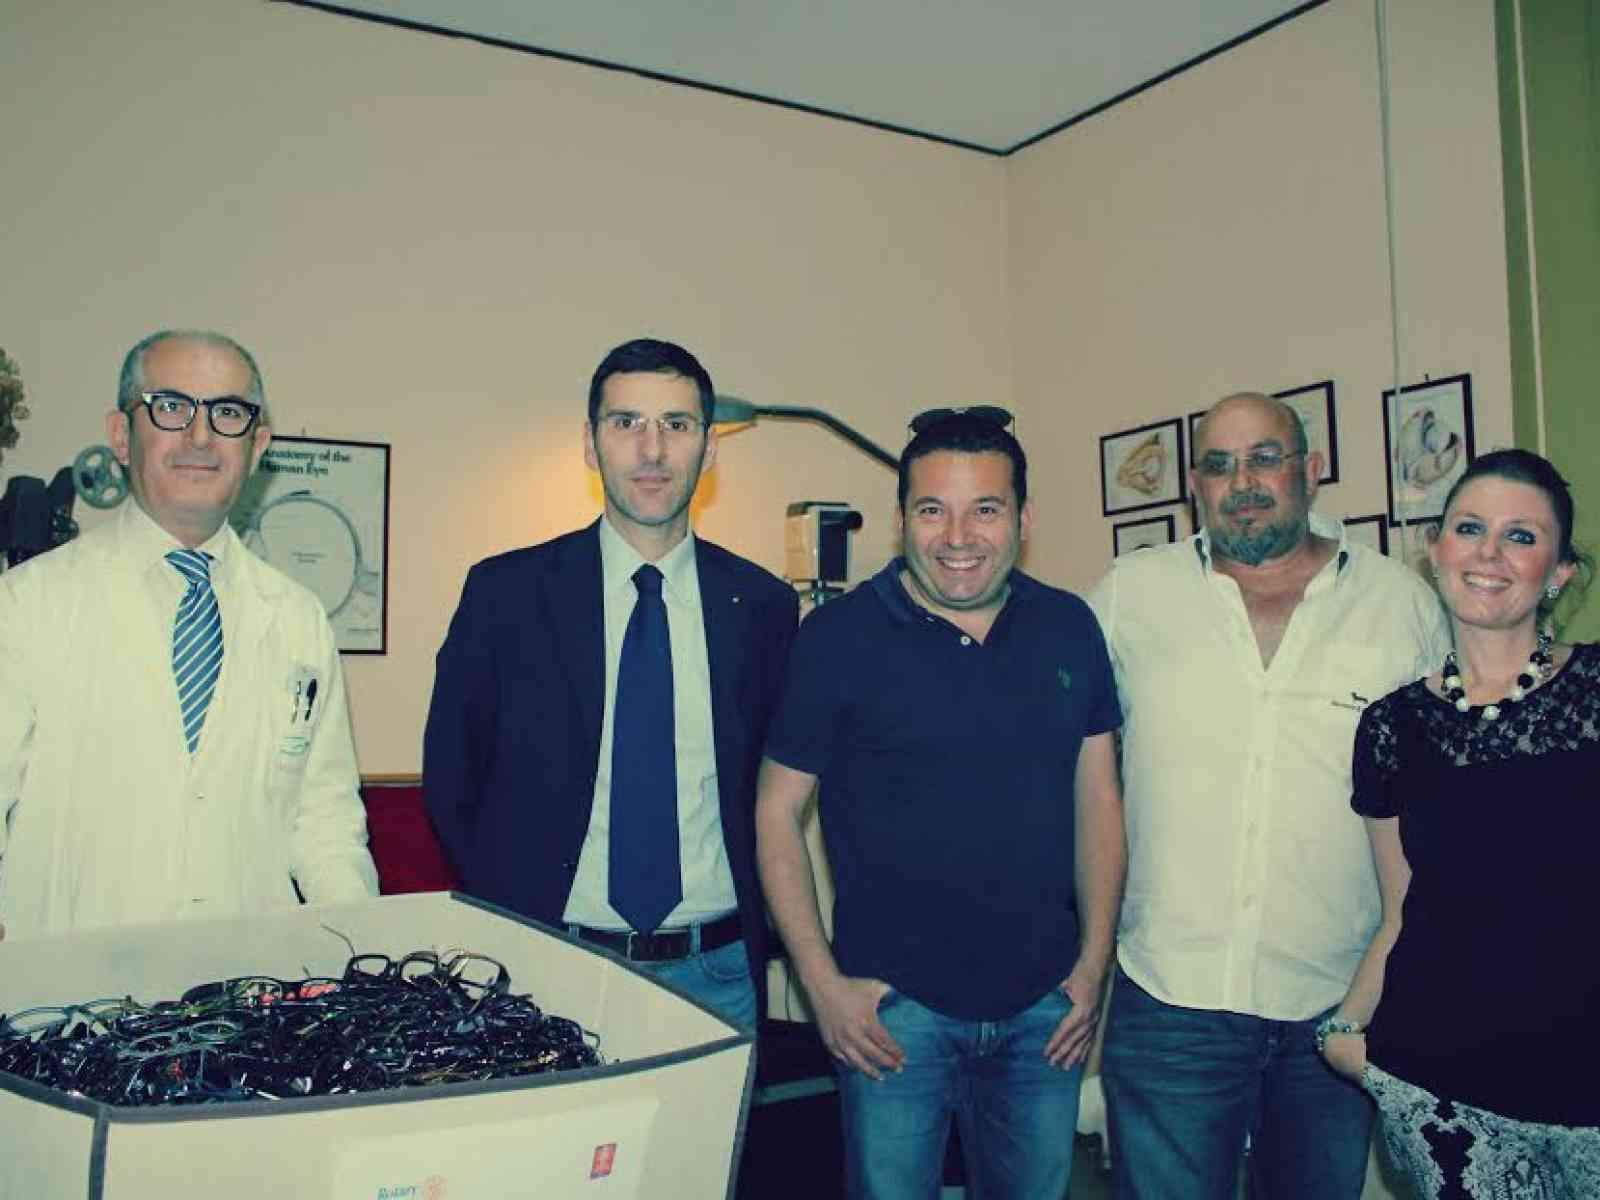 600 occhiali donati dal dott. Tarantino: Lions e Rotary club ancora insieme per la solidarietà